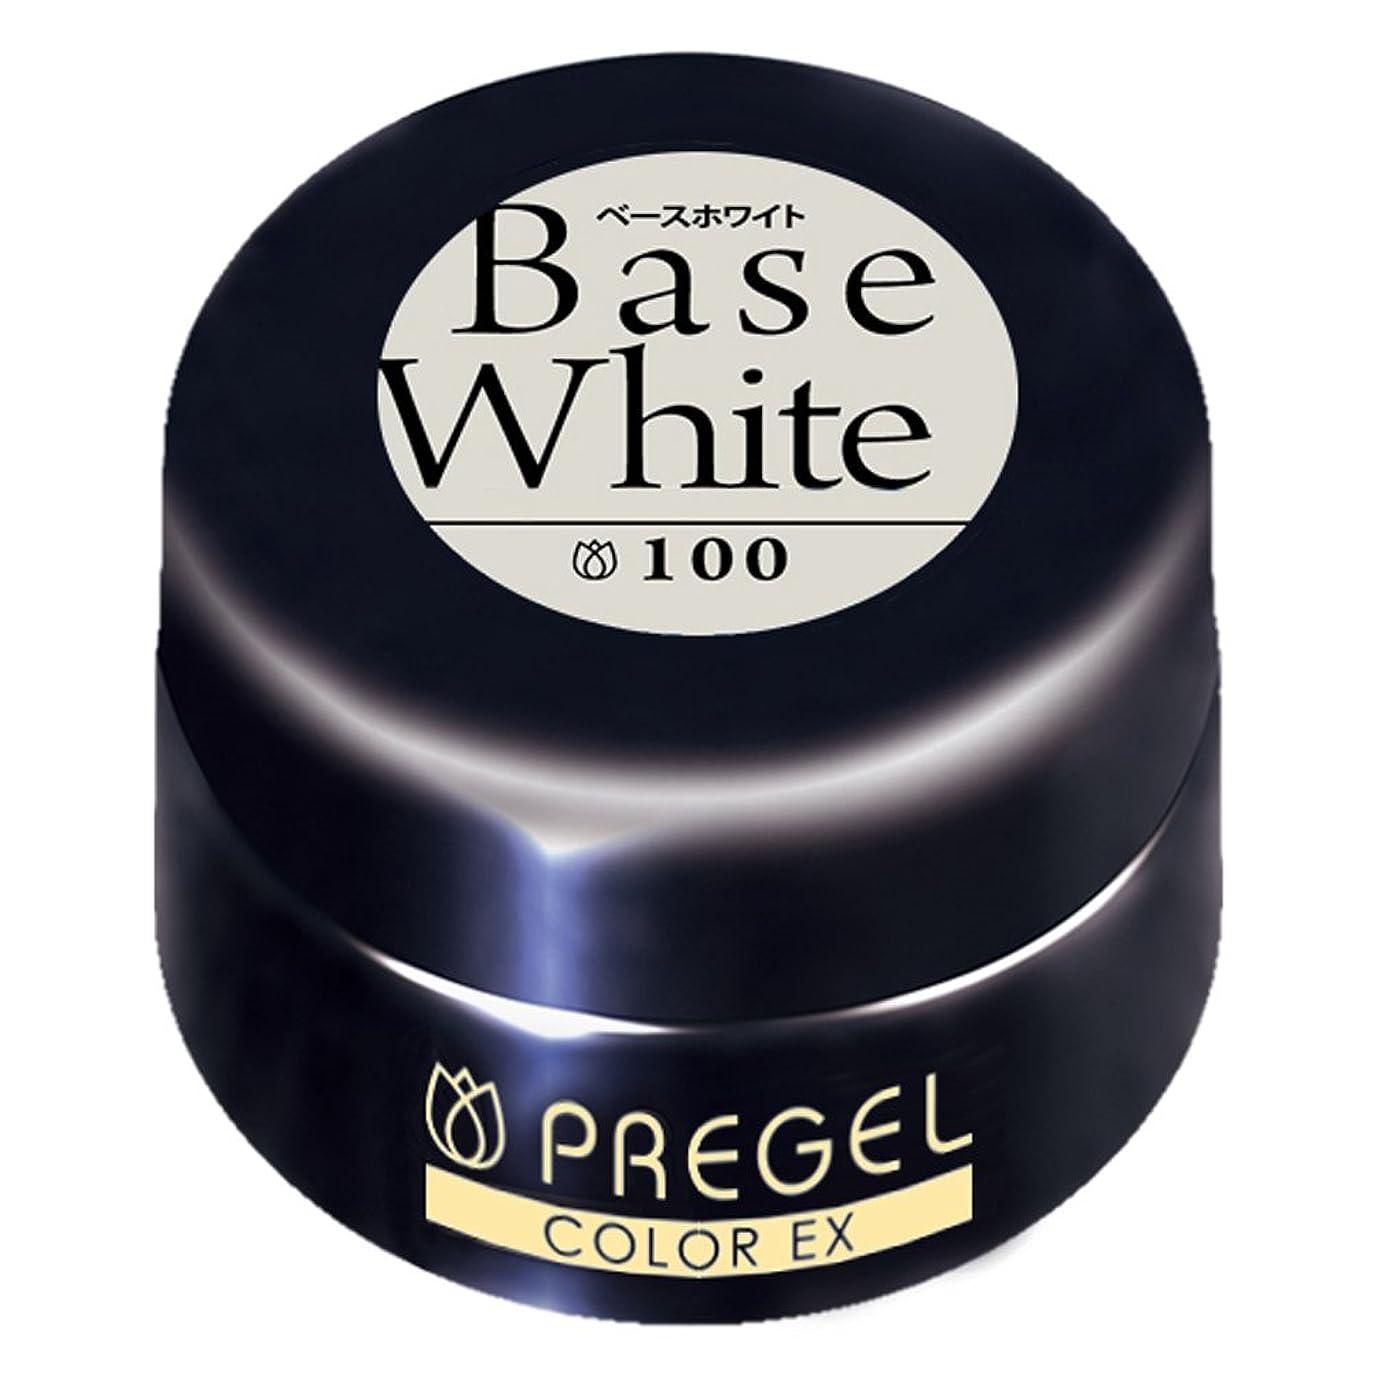 豚農業の知人プリジェル ジェルネイル プリジェル ジェルネイル カラーEX ベースホワイト100 4g カラージェル UV/LED対応